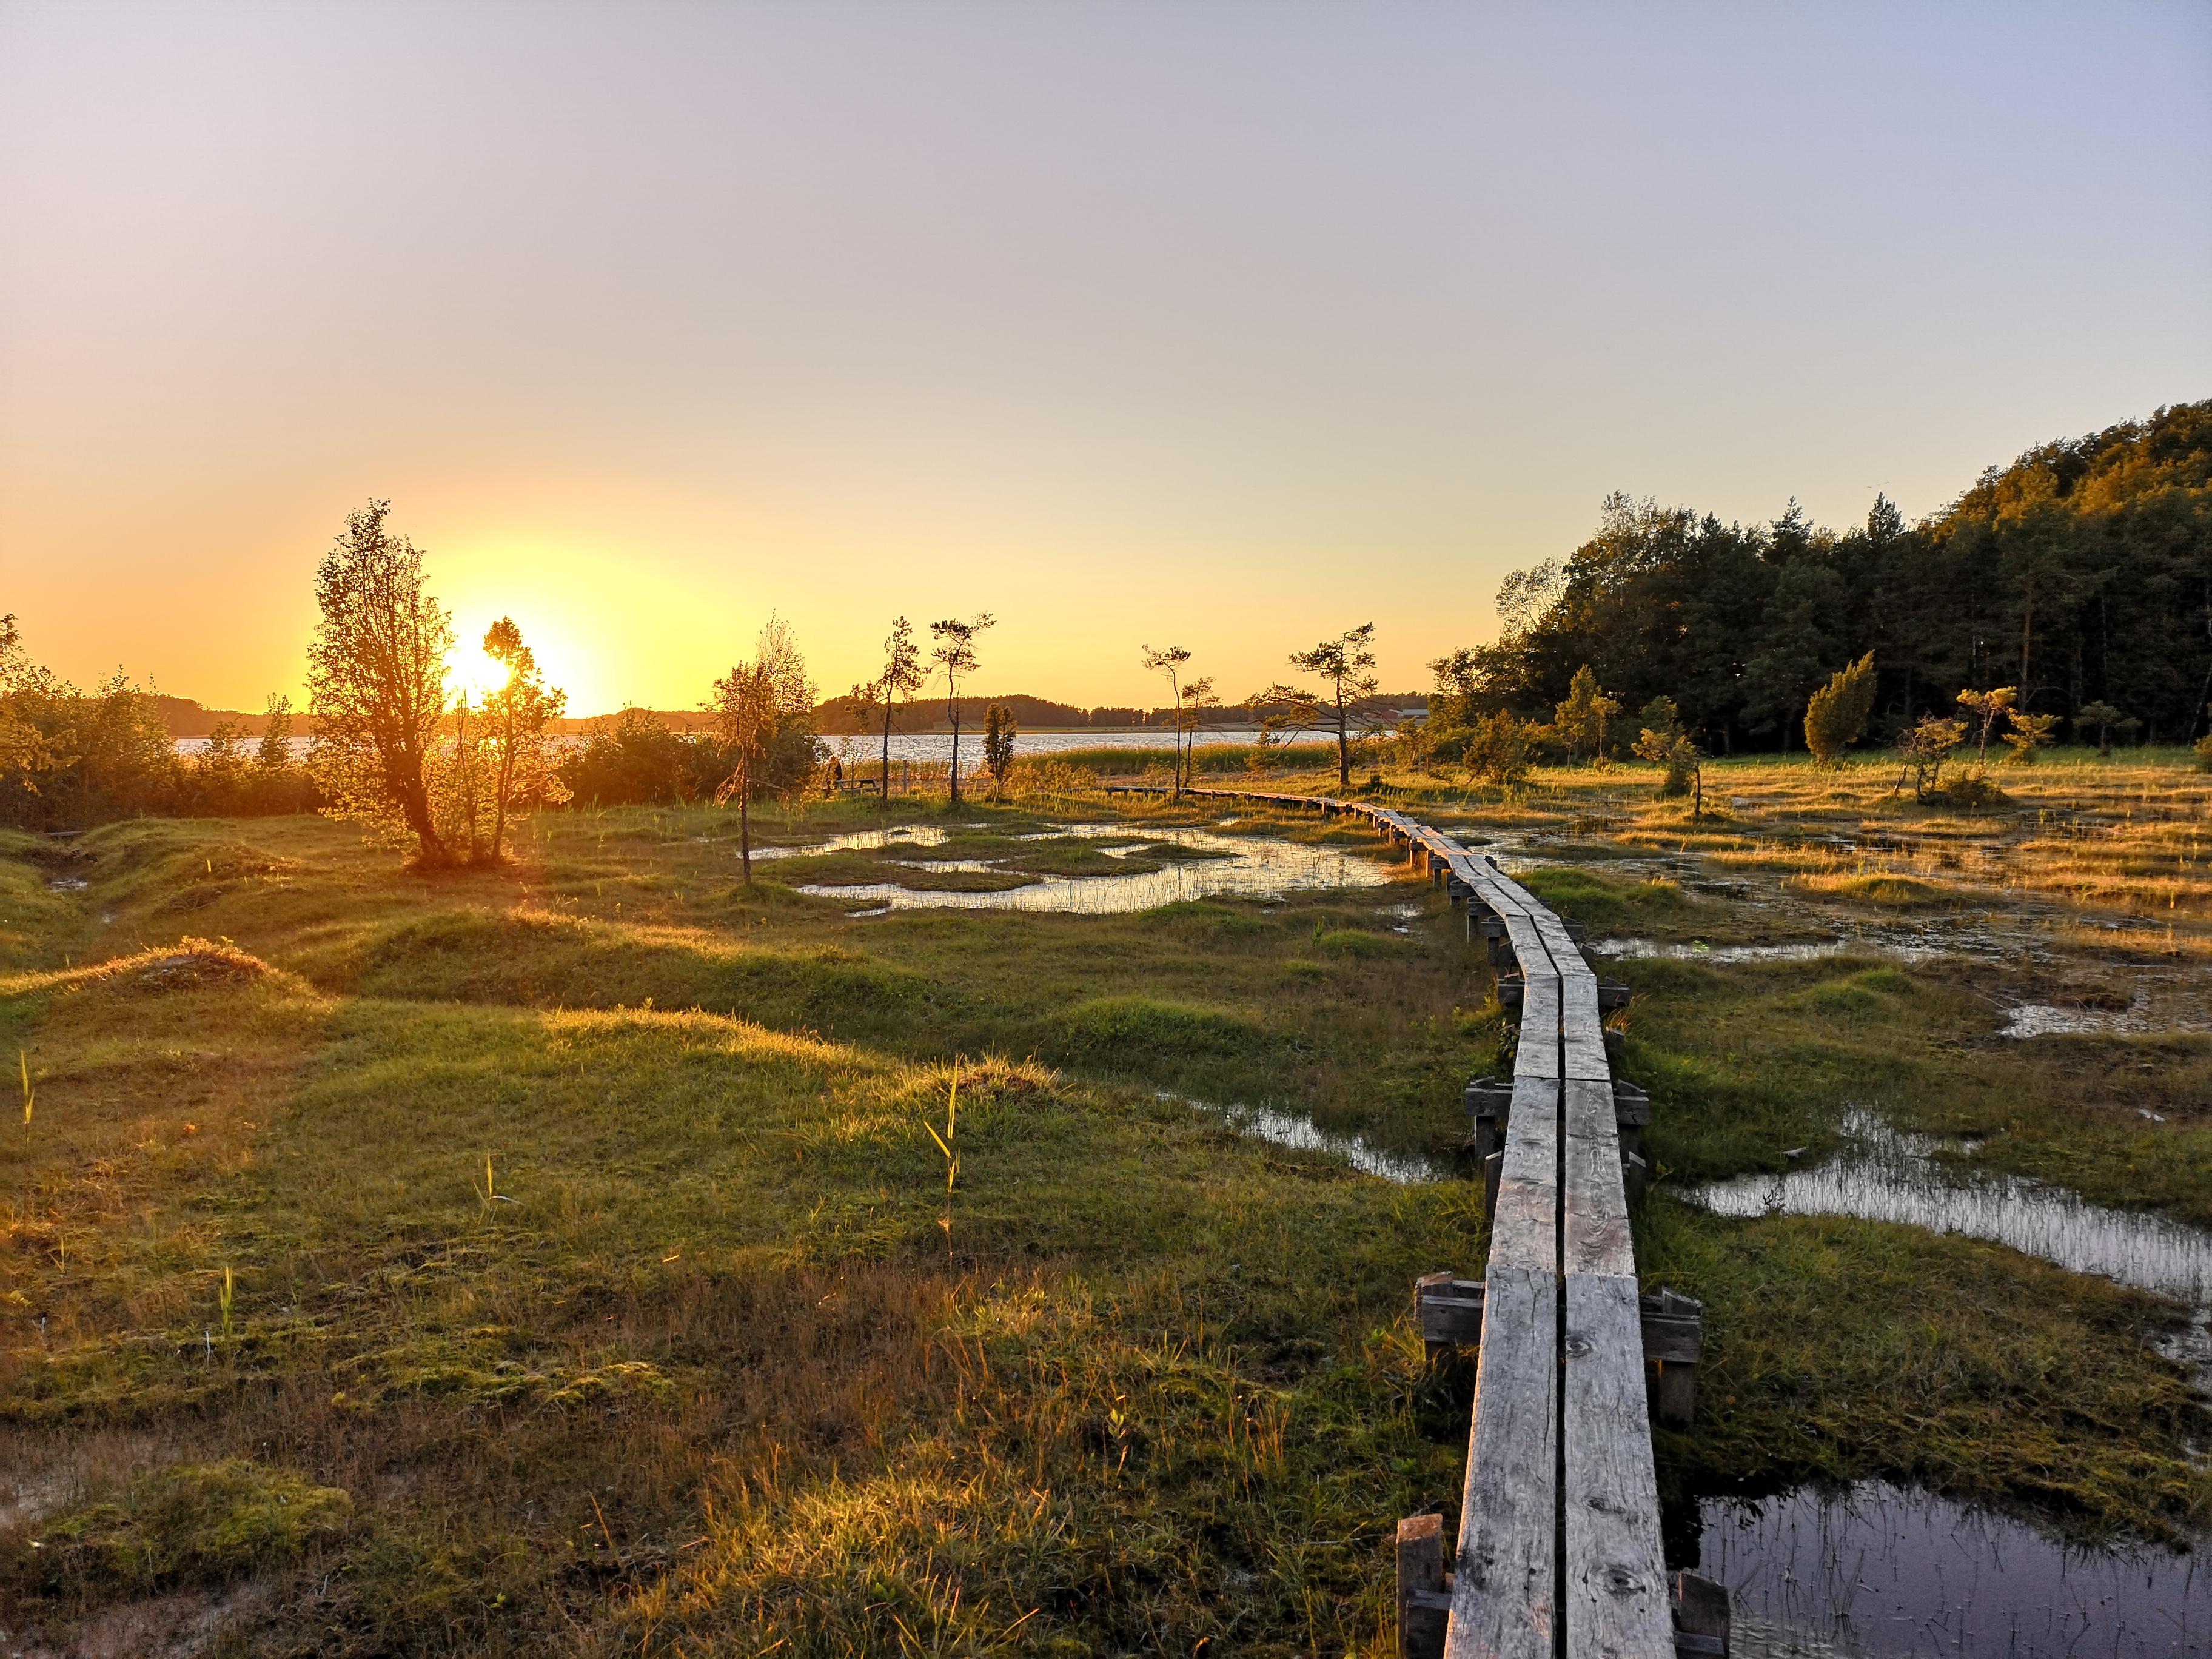 Schweden beeindruckt mit Wäldern, Sumpflandschaften und Seen. Foto: René Lang